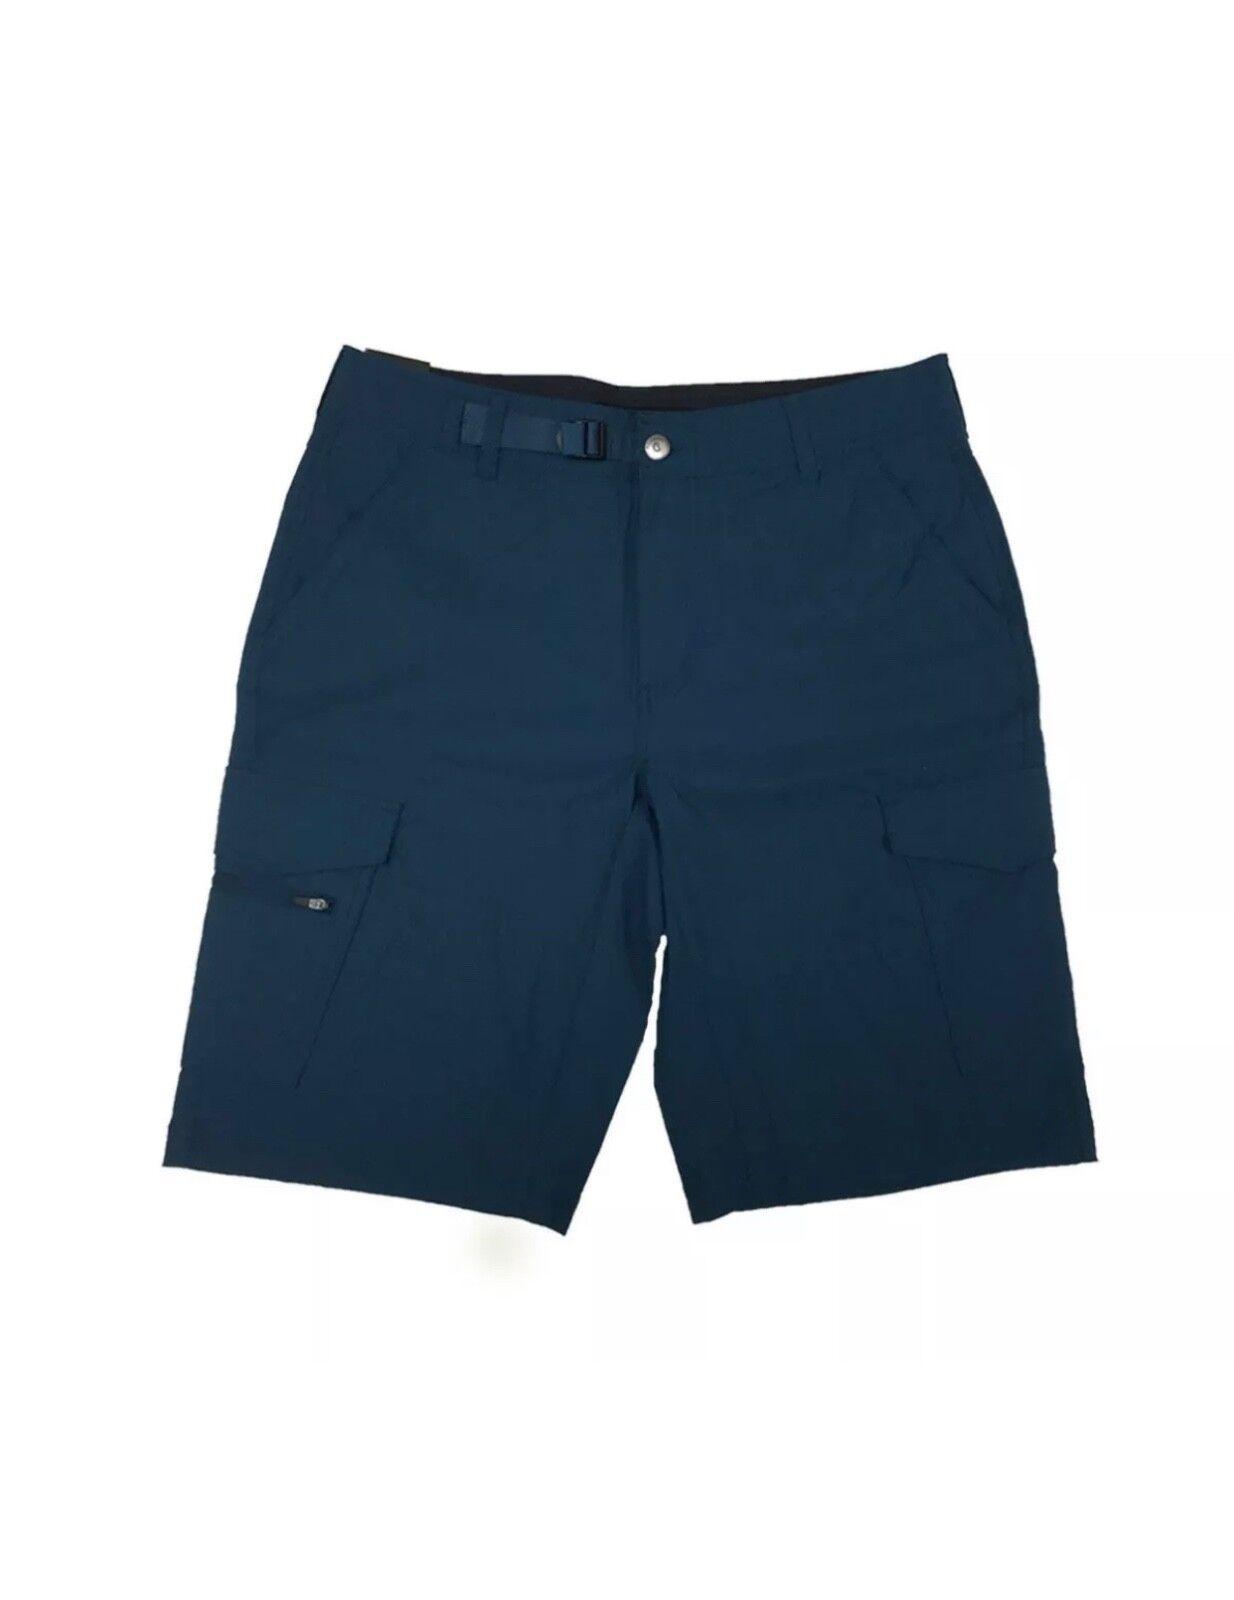 !!! nuevo!!! BC Clothing para hombre Pantalones cortos estilo cargo de estiramiento de expedición verde azulado 32 (EE092)